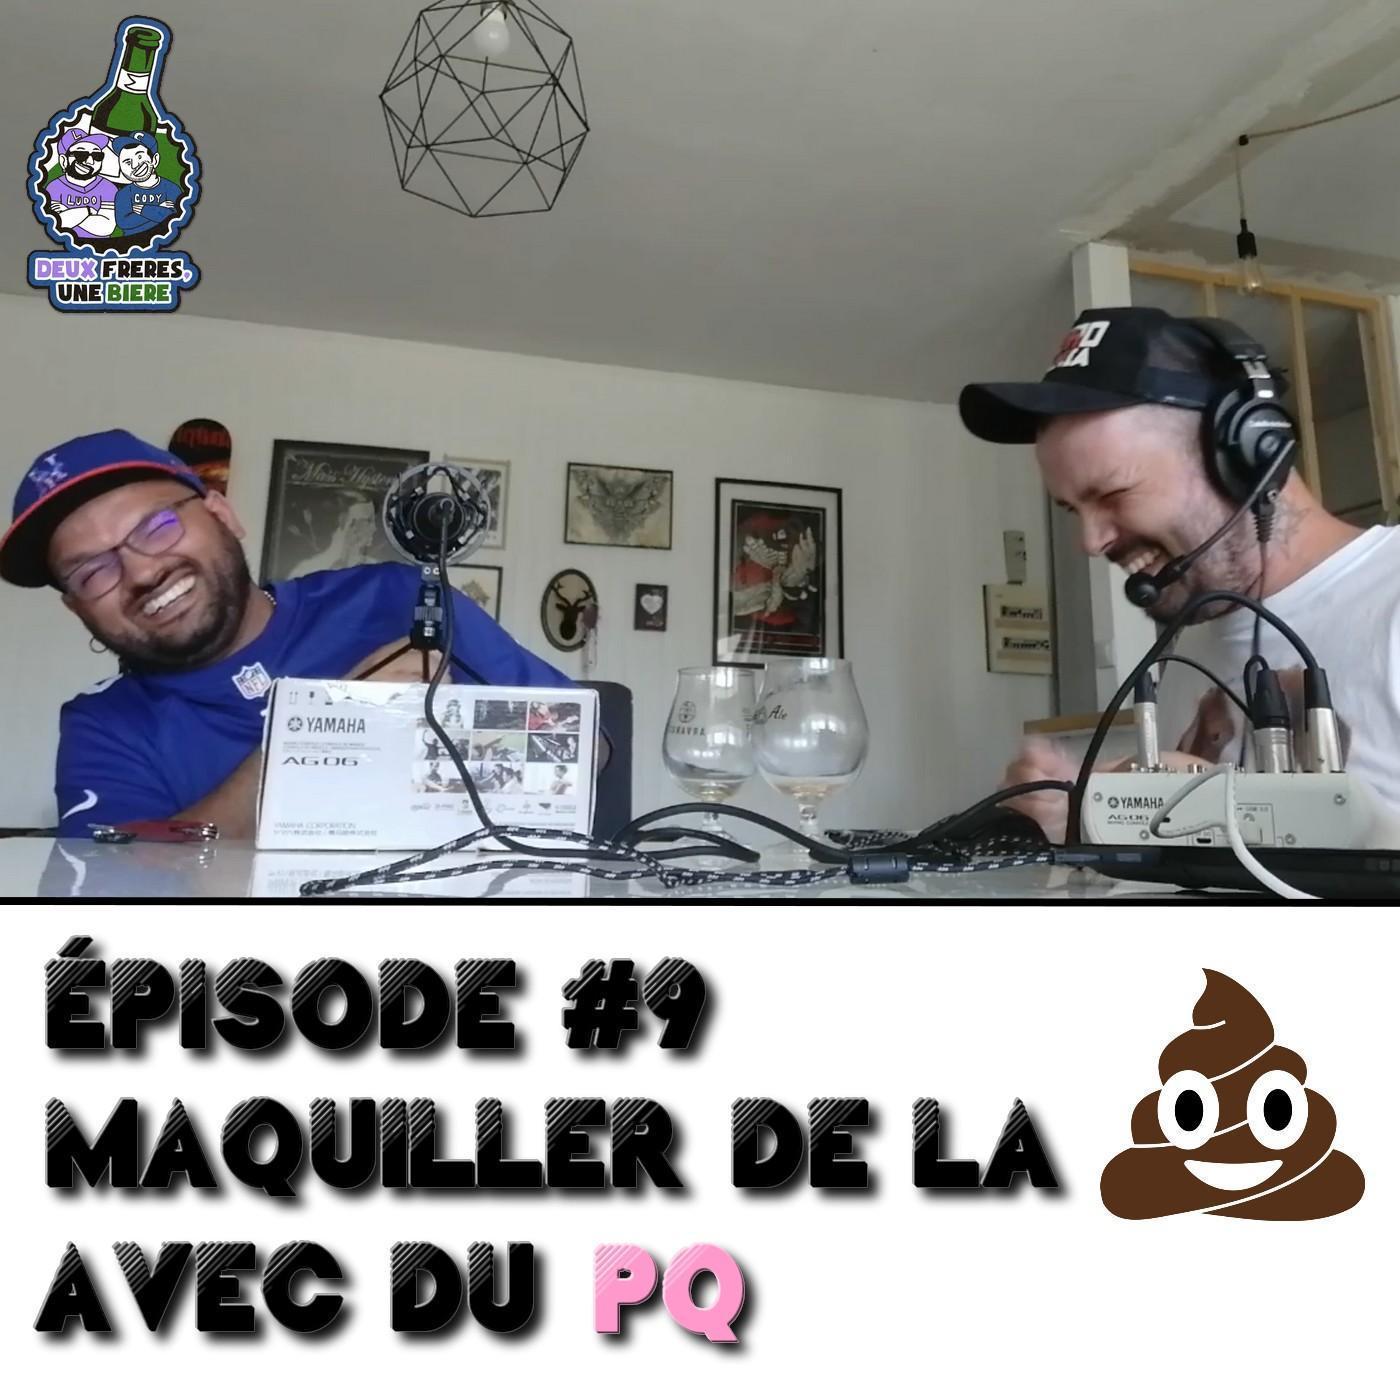 Maquiller de la 💩 avec du PQ # épisode 9 [ 2 frères, Une bière]